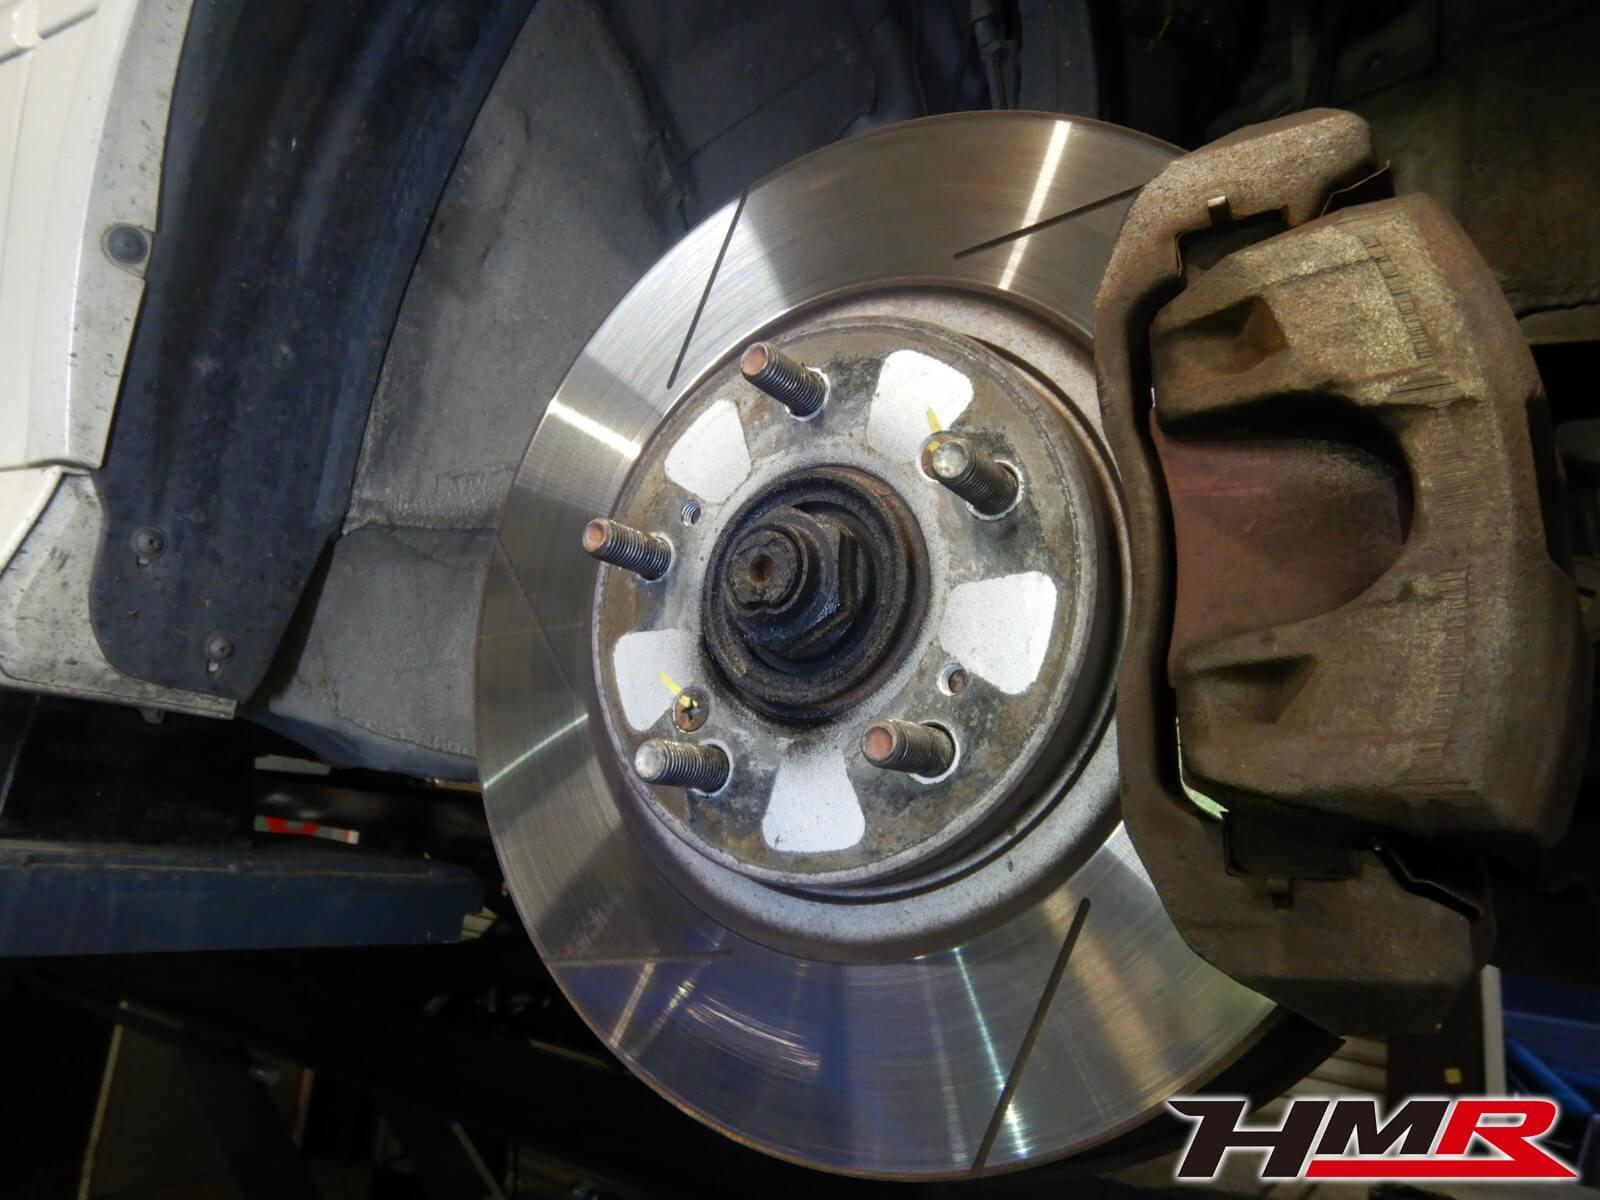 トルネオユーロR(CL1) ブレーキ点検